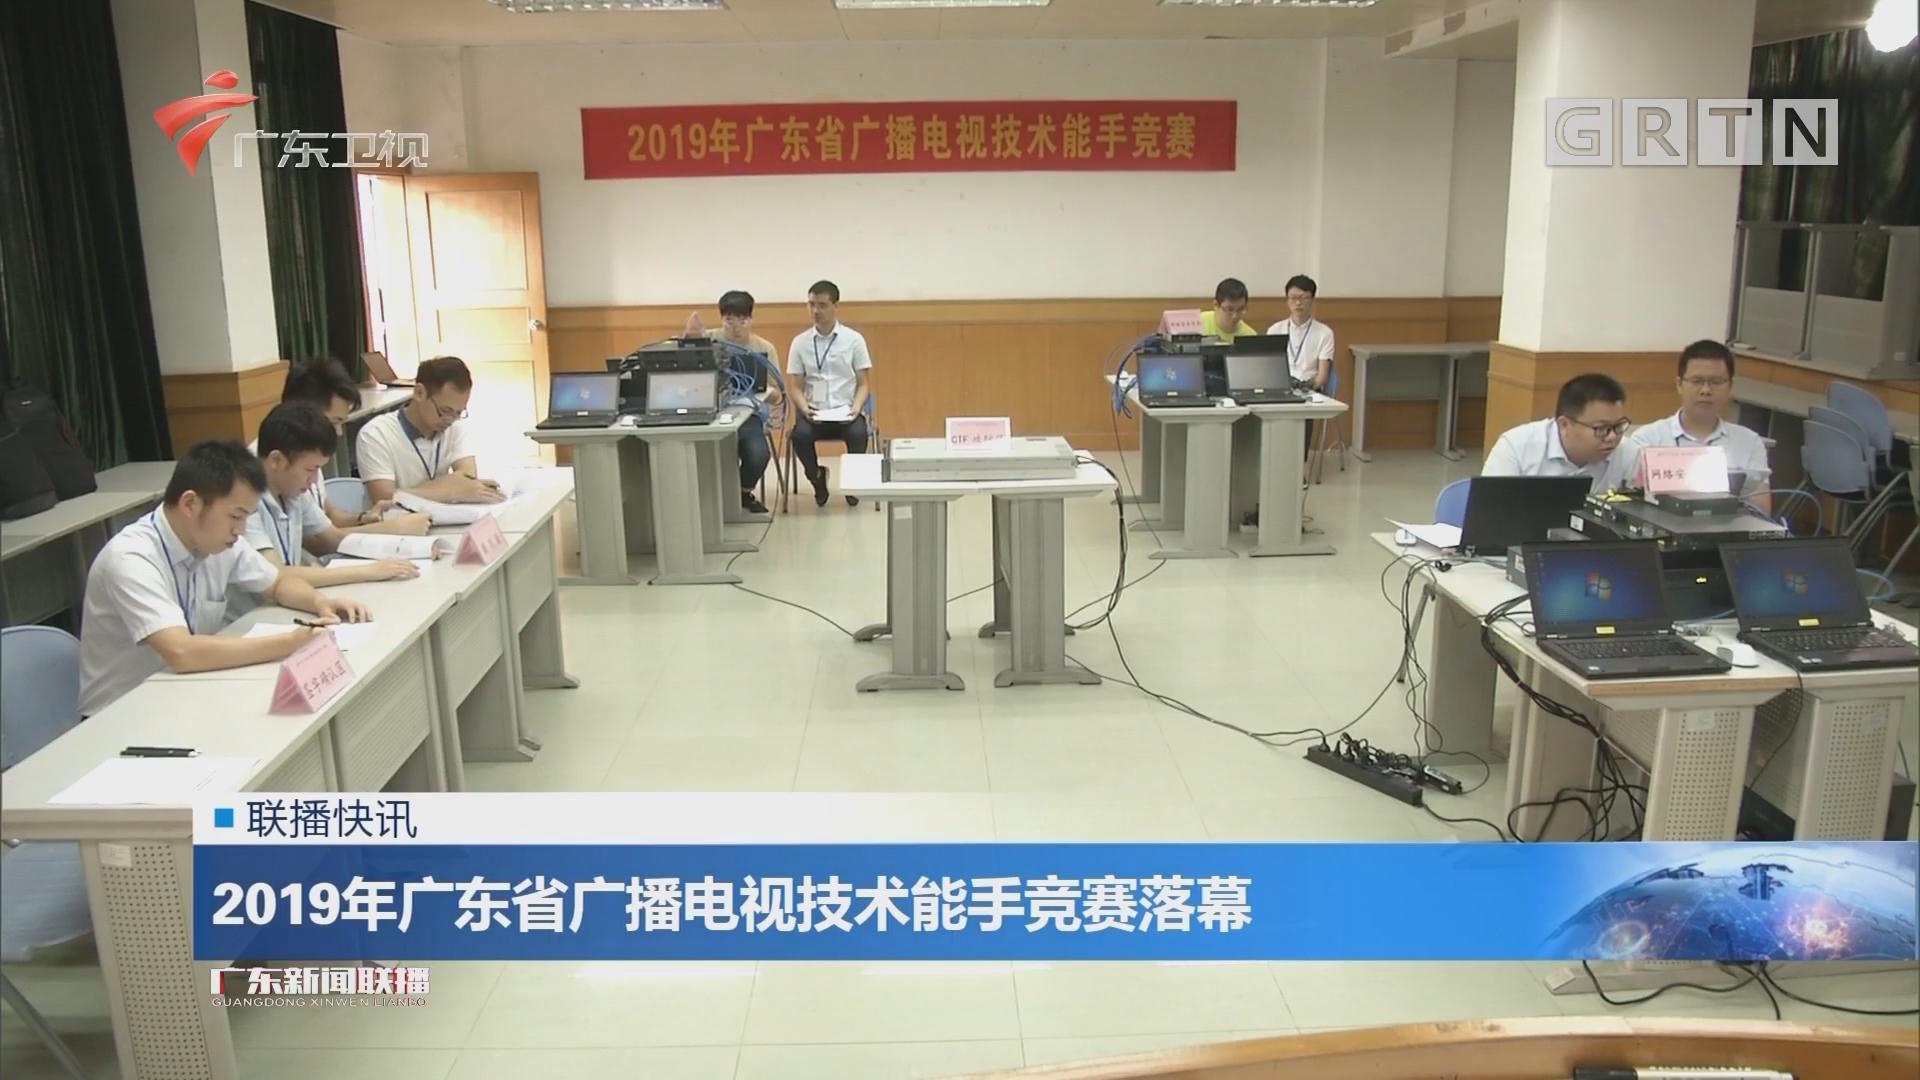 2019年广东省广播电视技术能手竞赛落幕